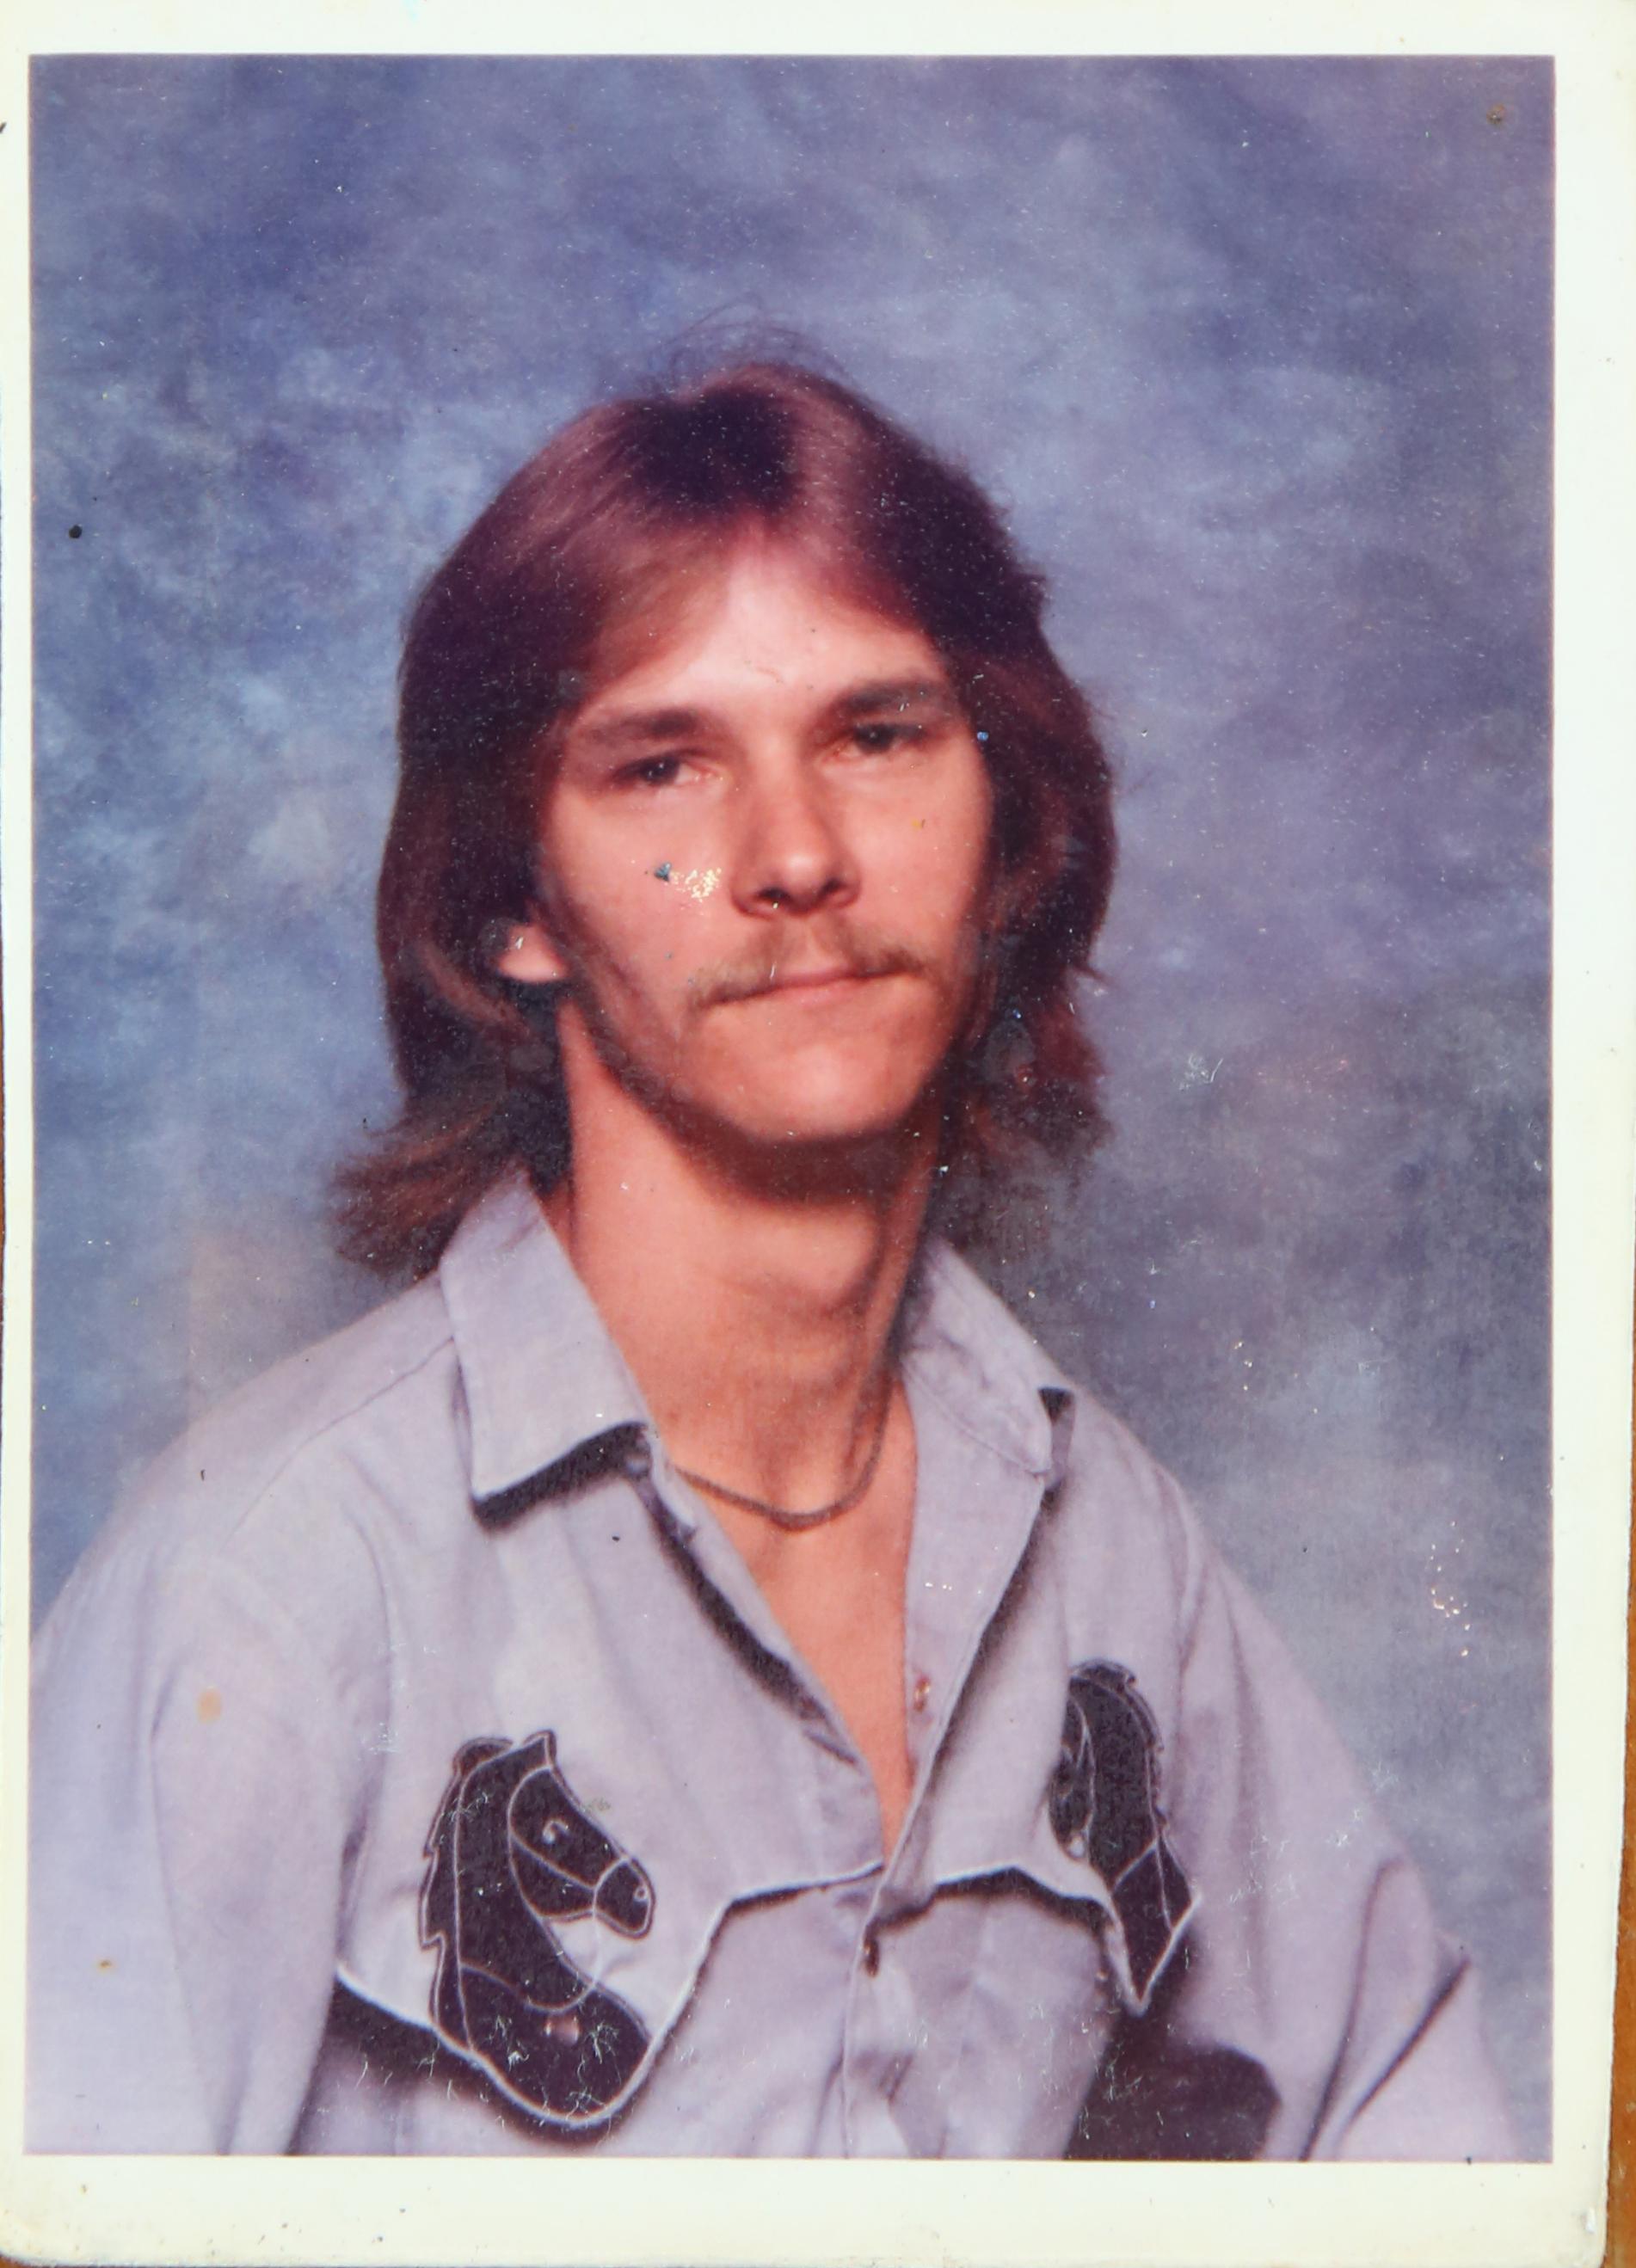 Dennis Perry, circa 1979.